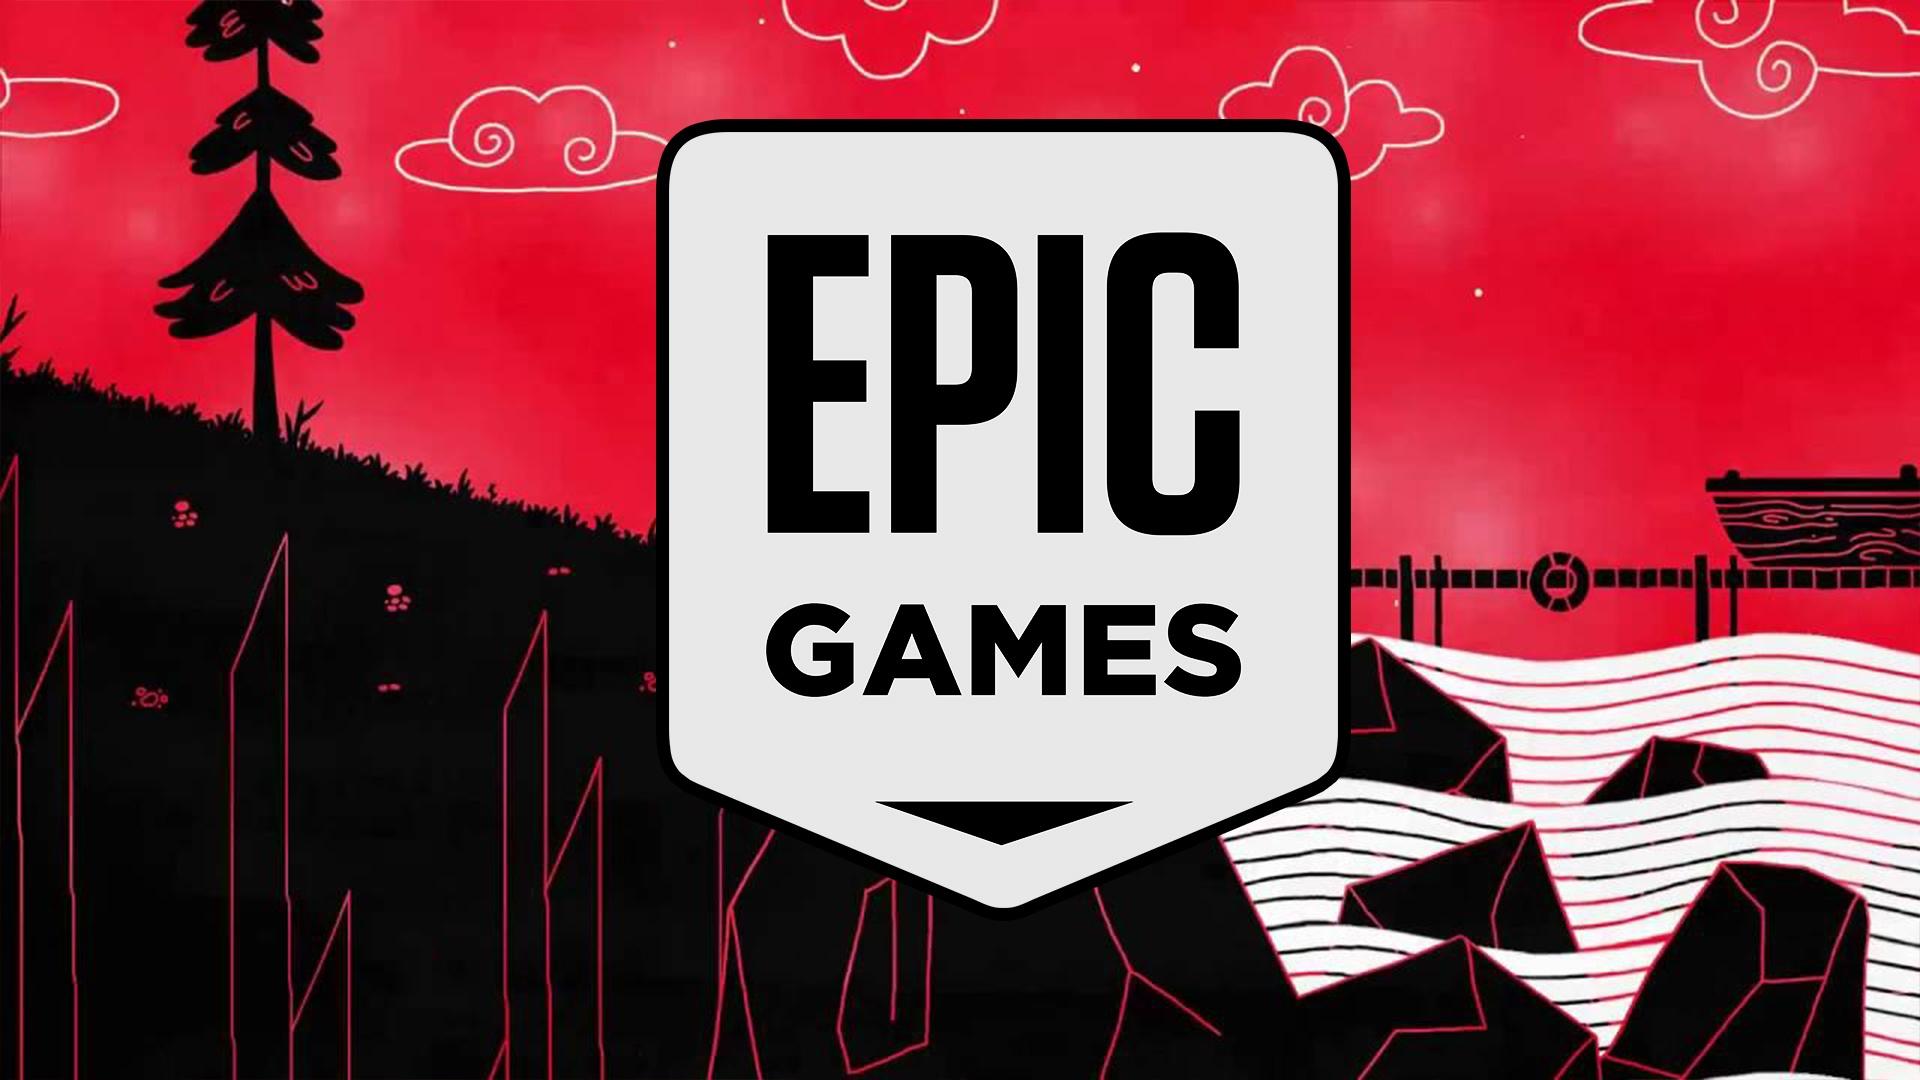 Kostenlose PC-Spiele bei Epic: Nächste Woche gibt's die volle Packung